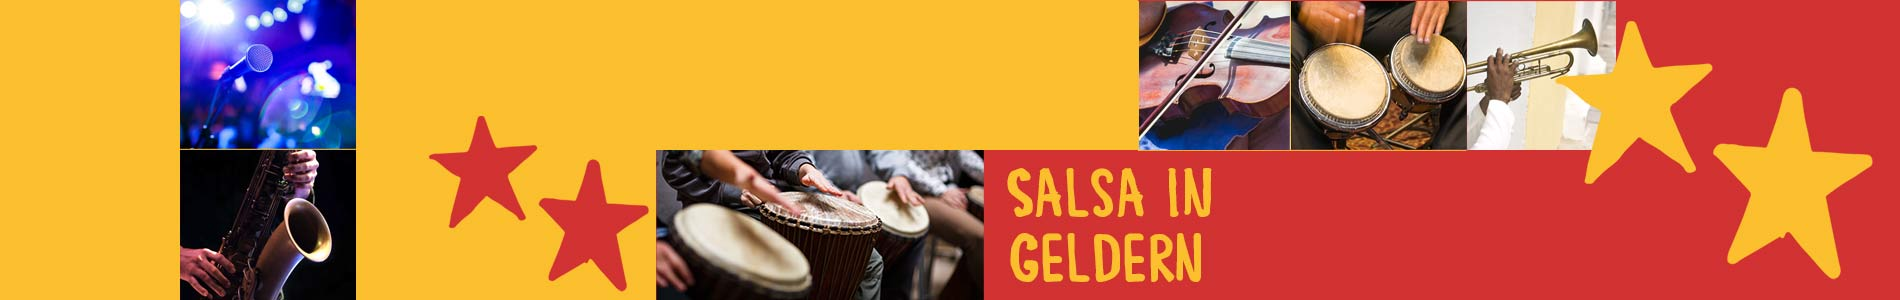 Salsa in Geldern – Salsa lernen und tanzen, Tanzkurse, Partys, Veranstaltungen